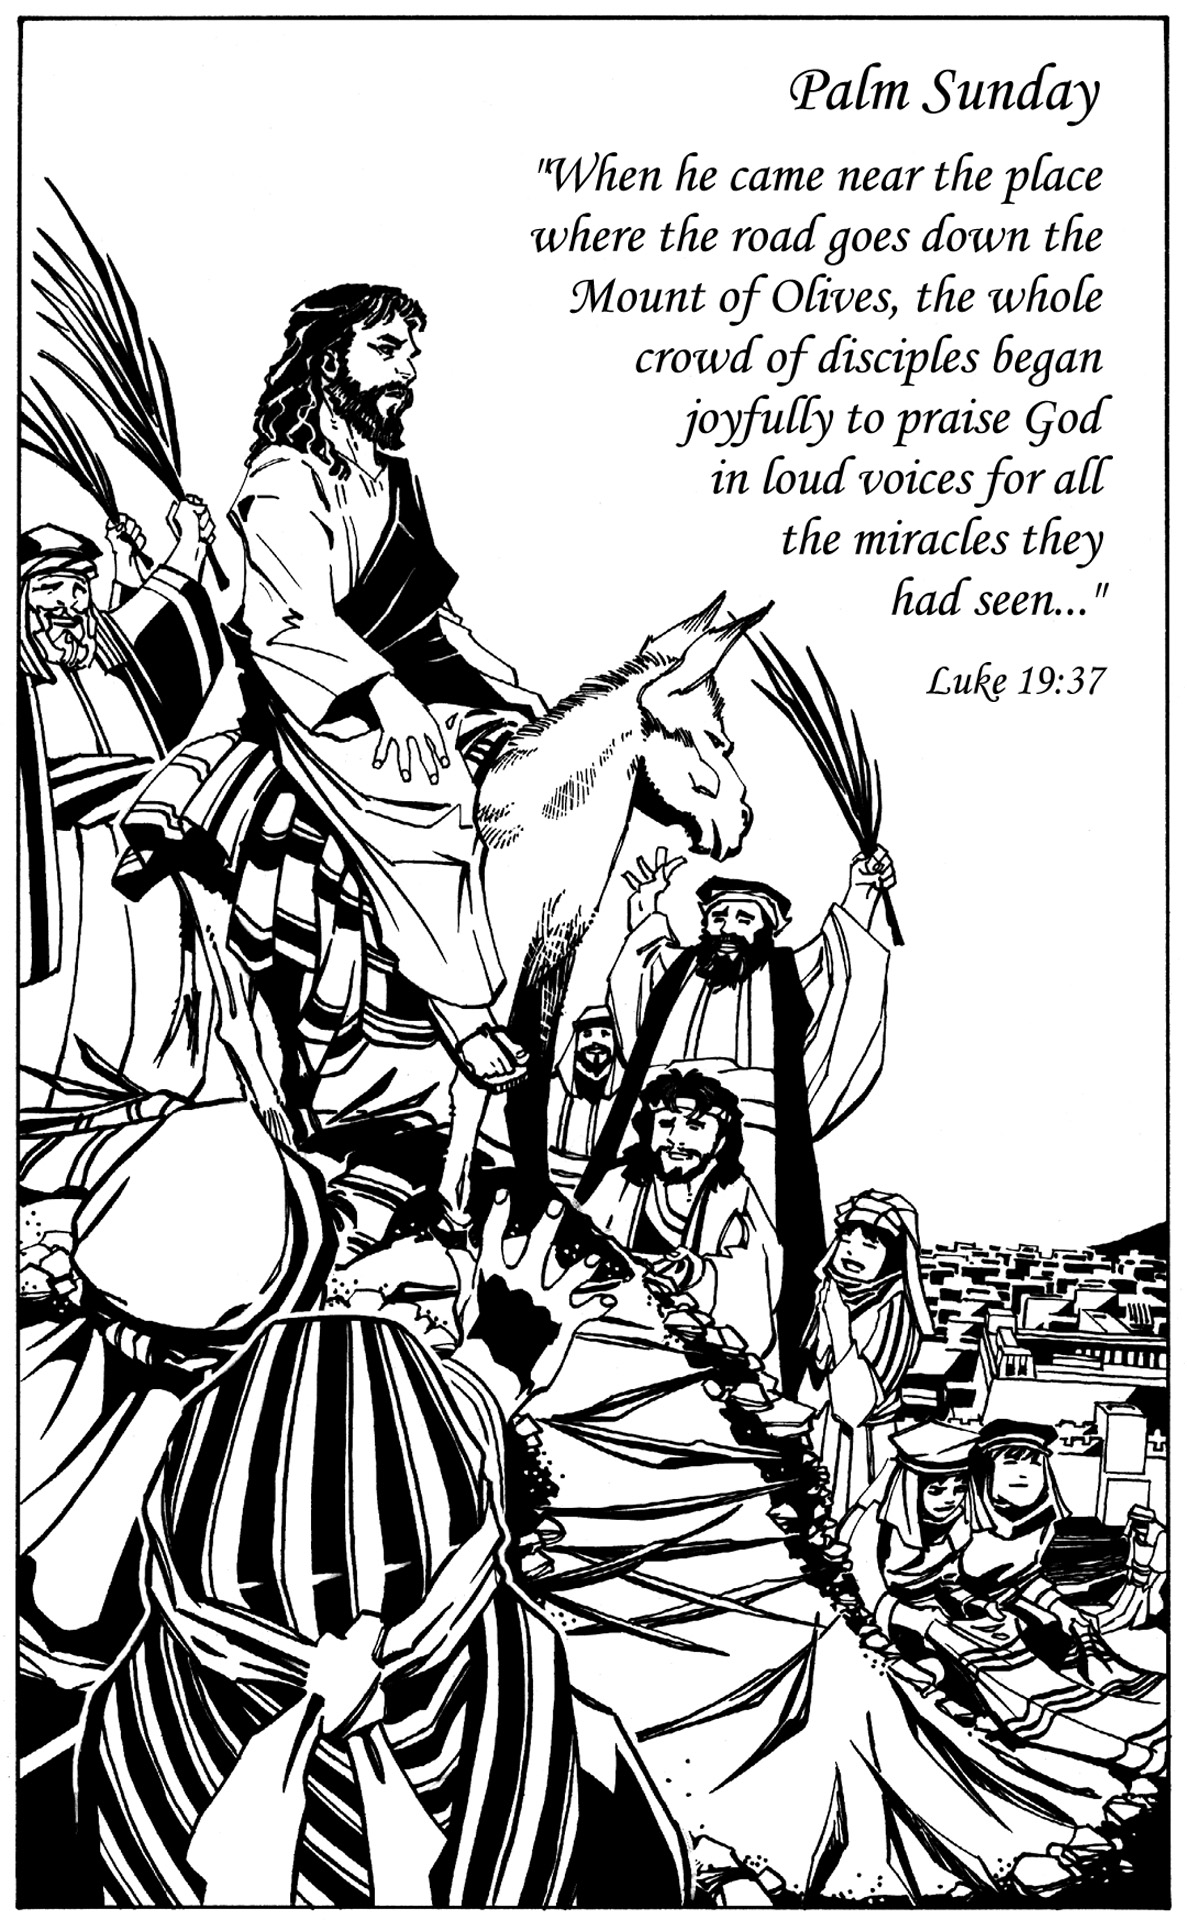 Jesus On Donkey Palm Sunday Clip Art.